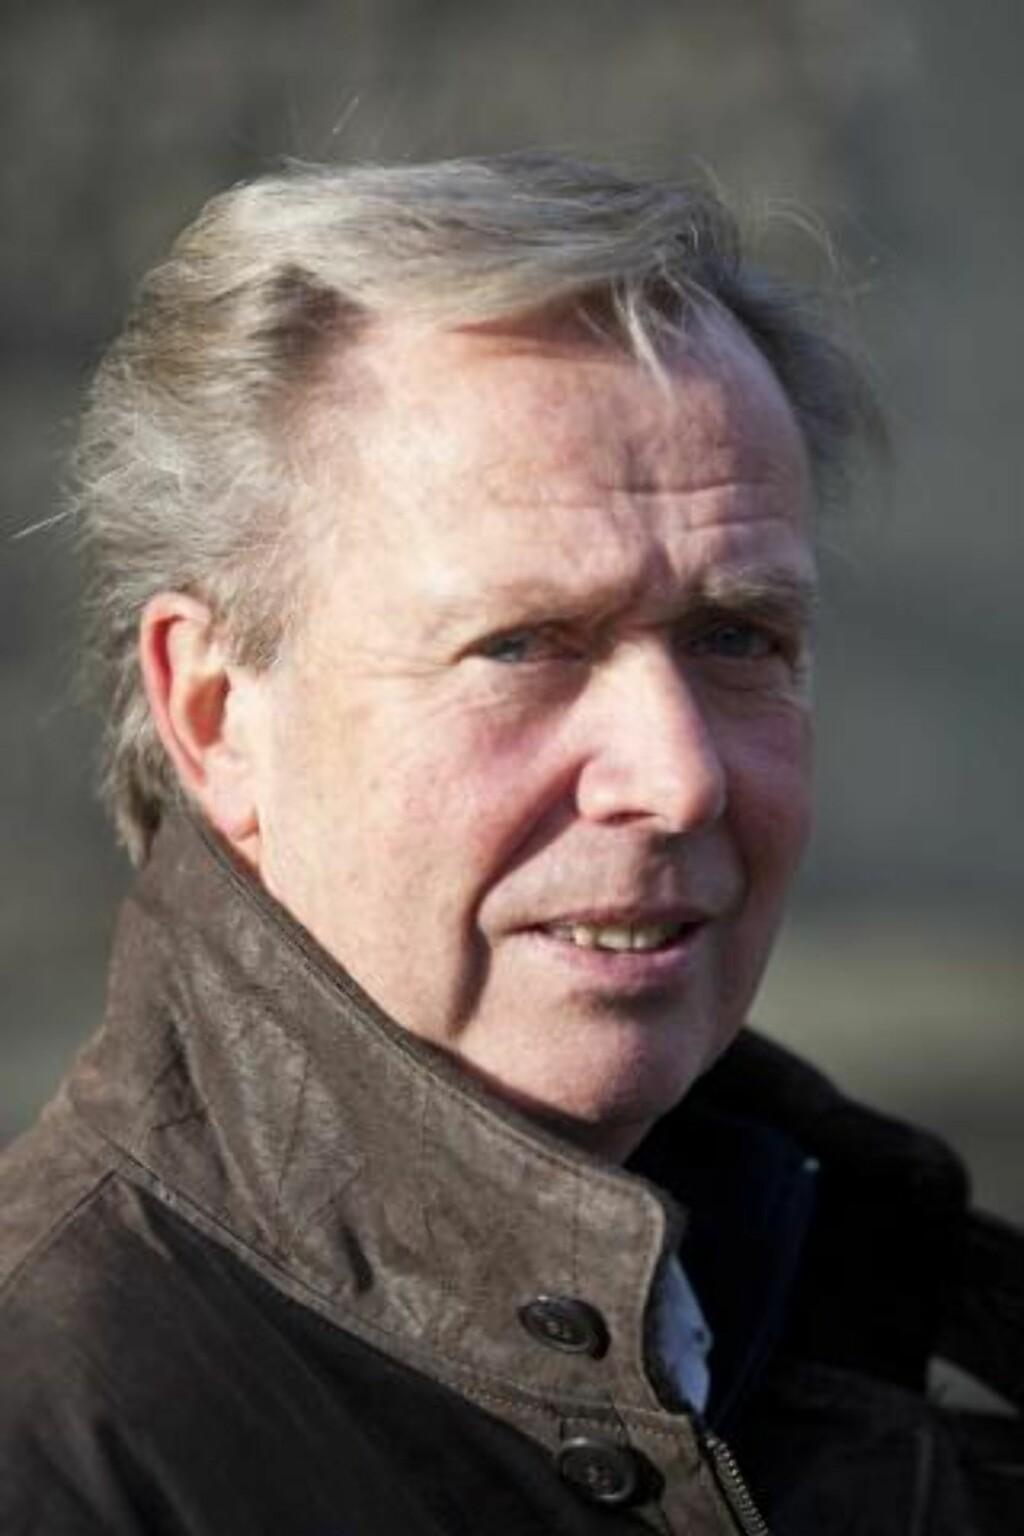 STØTTER GELIUS: Bjørn Seterhagen er mangeårig menighetsmedlem og venn av Gelius, og støtter ham fullt ut.  FOTO: PER FLÅTHE